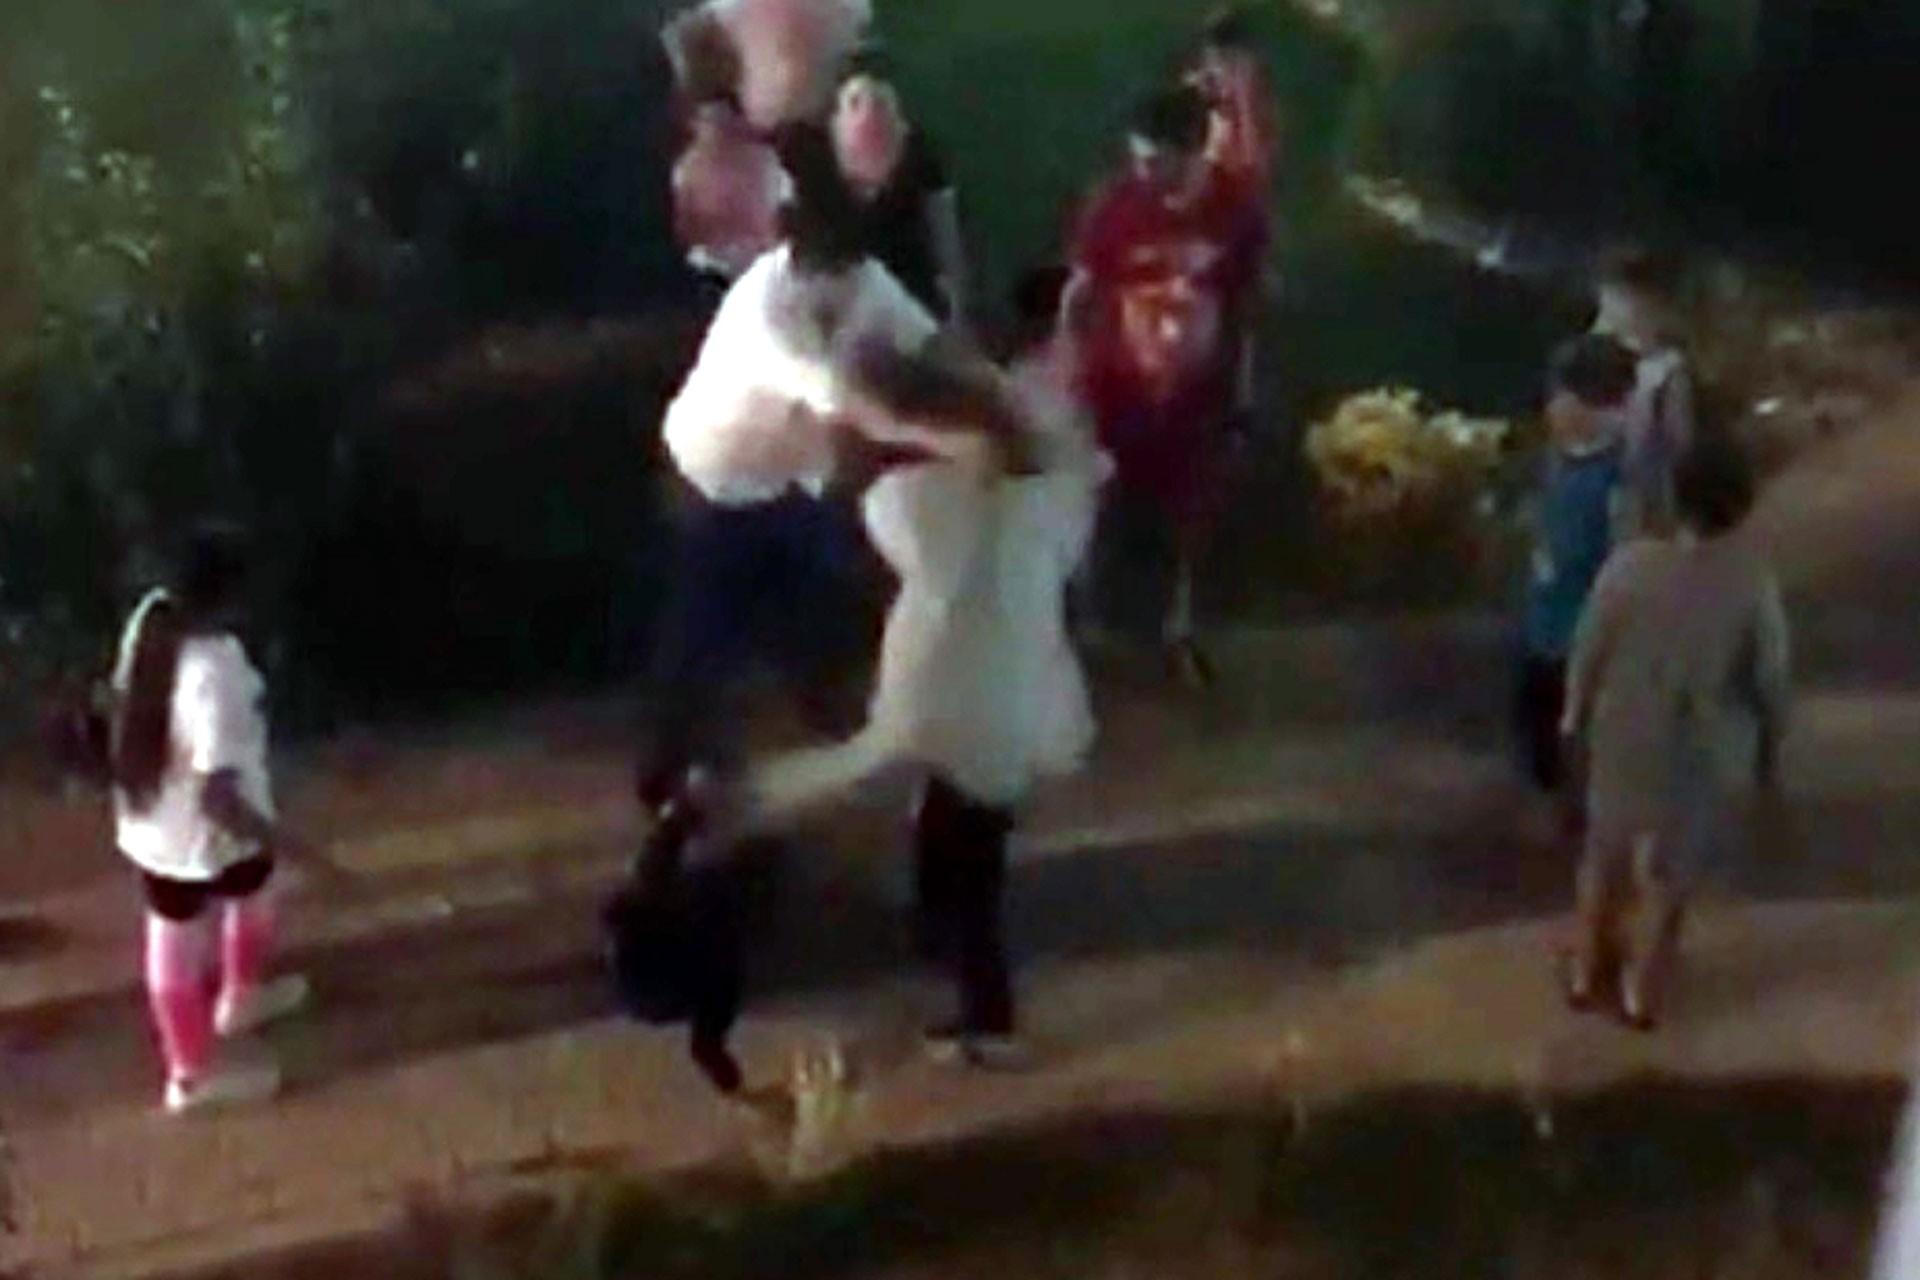 Mersin'de Ürdünlü çocuğa şiddet uygulayan şahıs tutuklandı